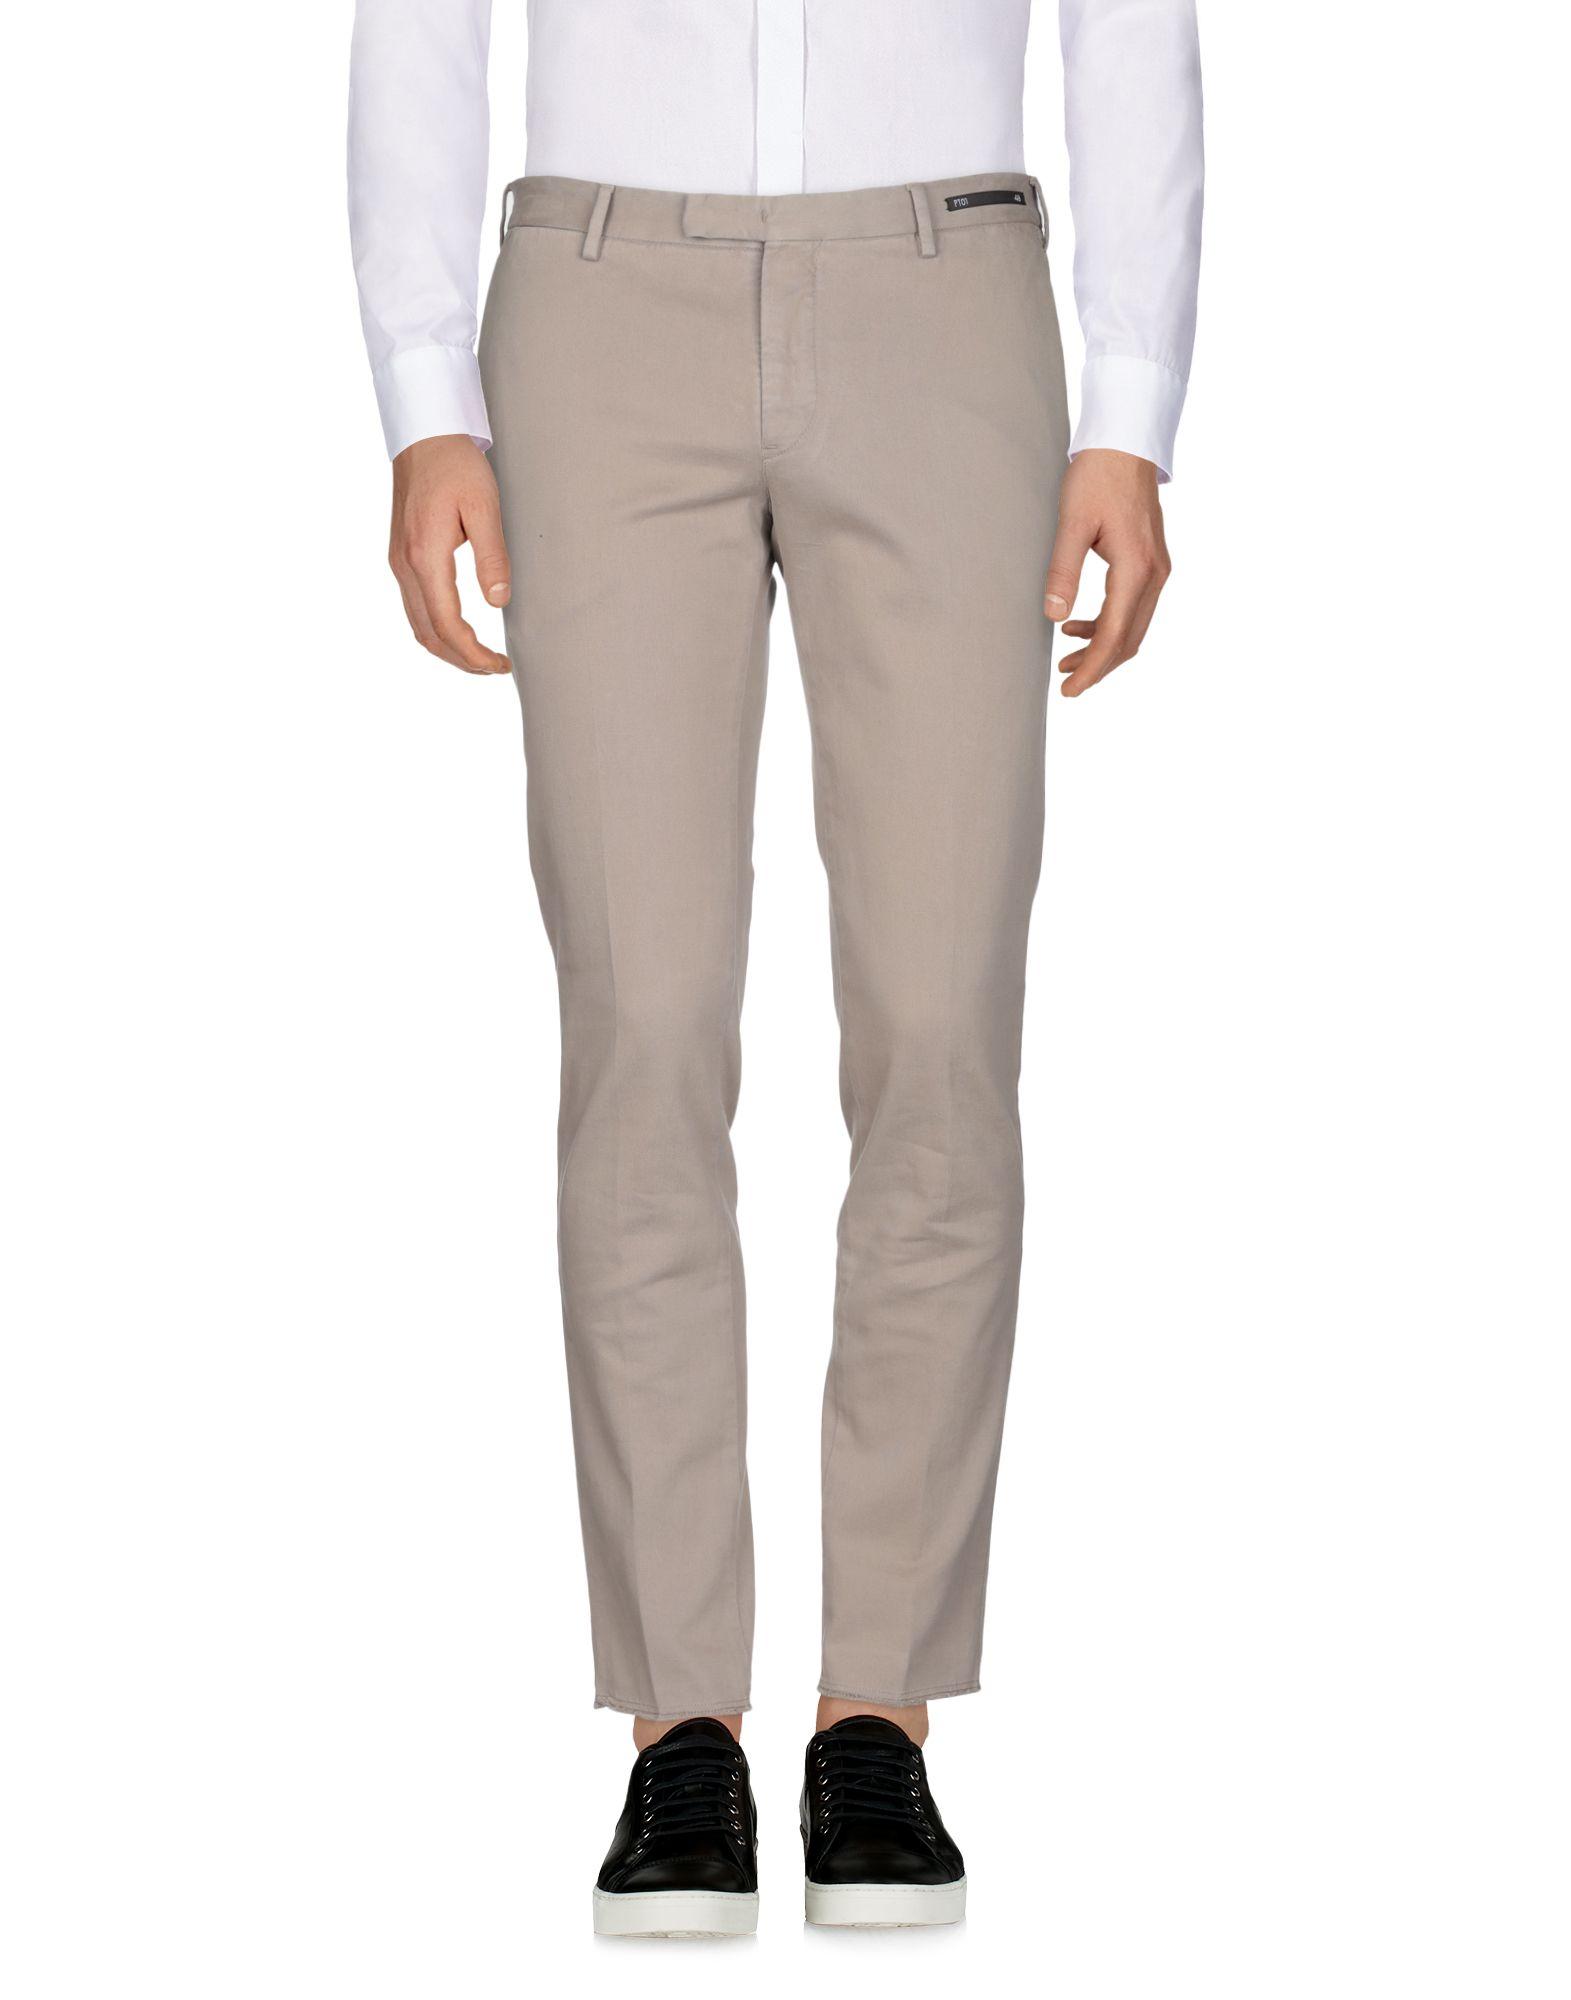 PT01 Повседневные брюки антарктические повседневные брюки деловые мужские хлопок прямые повседневные брюки m006 cangqing 40